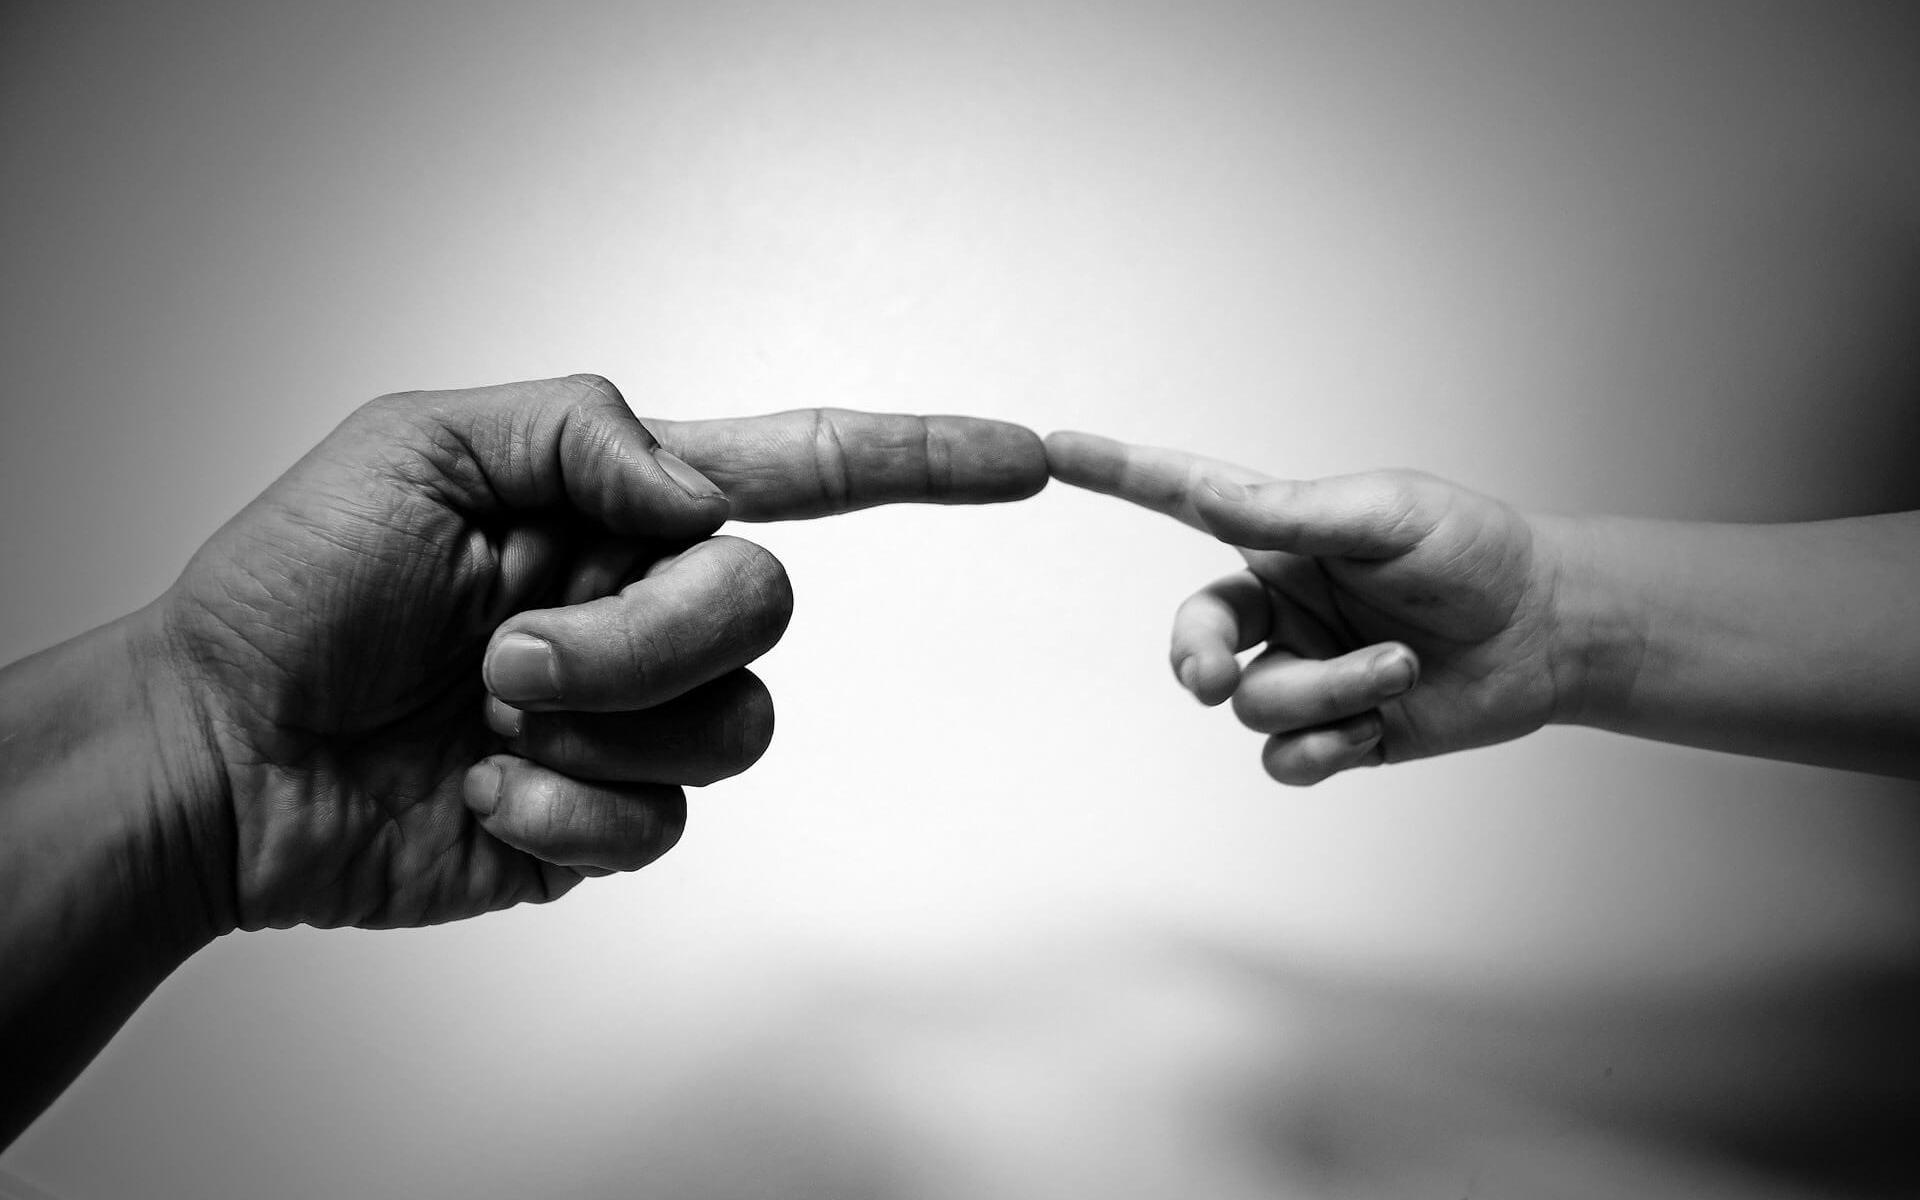 Gott schuf den Menschen zu seinem Bilde. Bild große Hand mit Finger an kleiner Hand